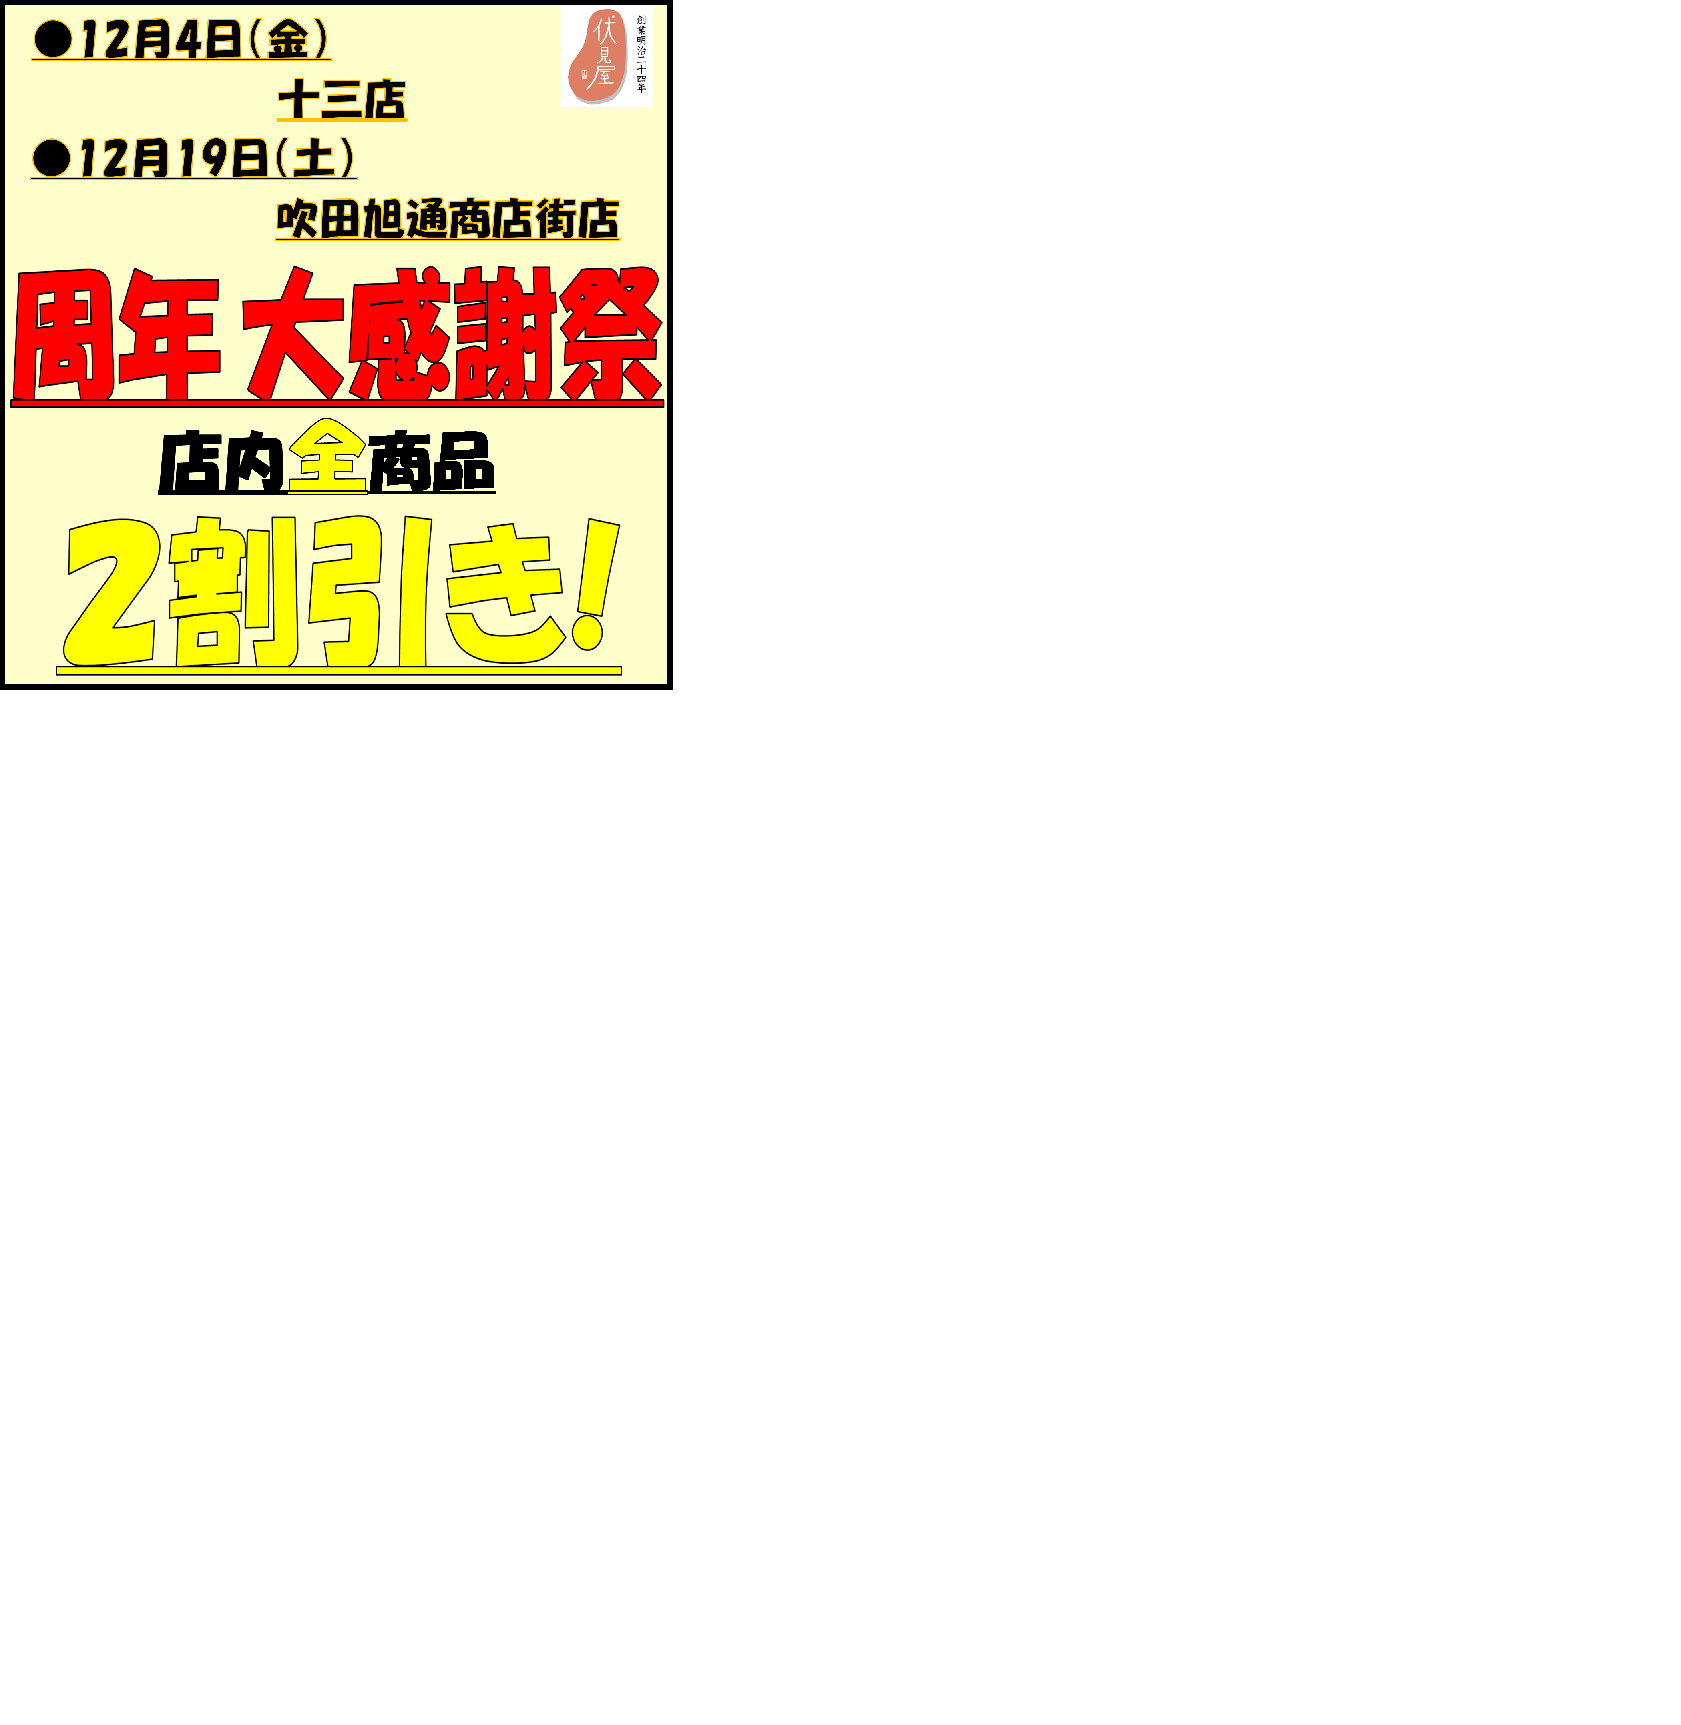 ☆十三店・吹田旭通商店街 周年祭のご案内★